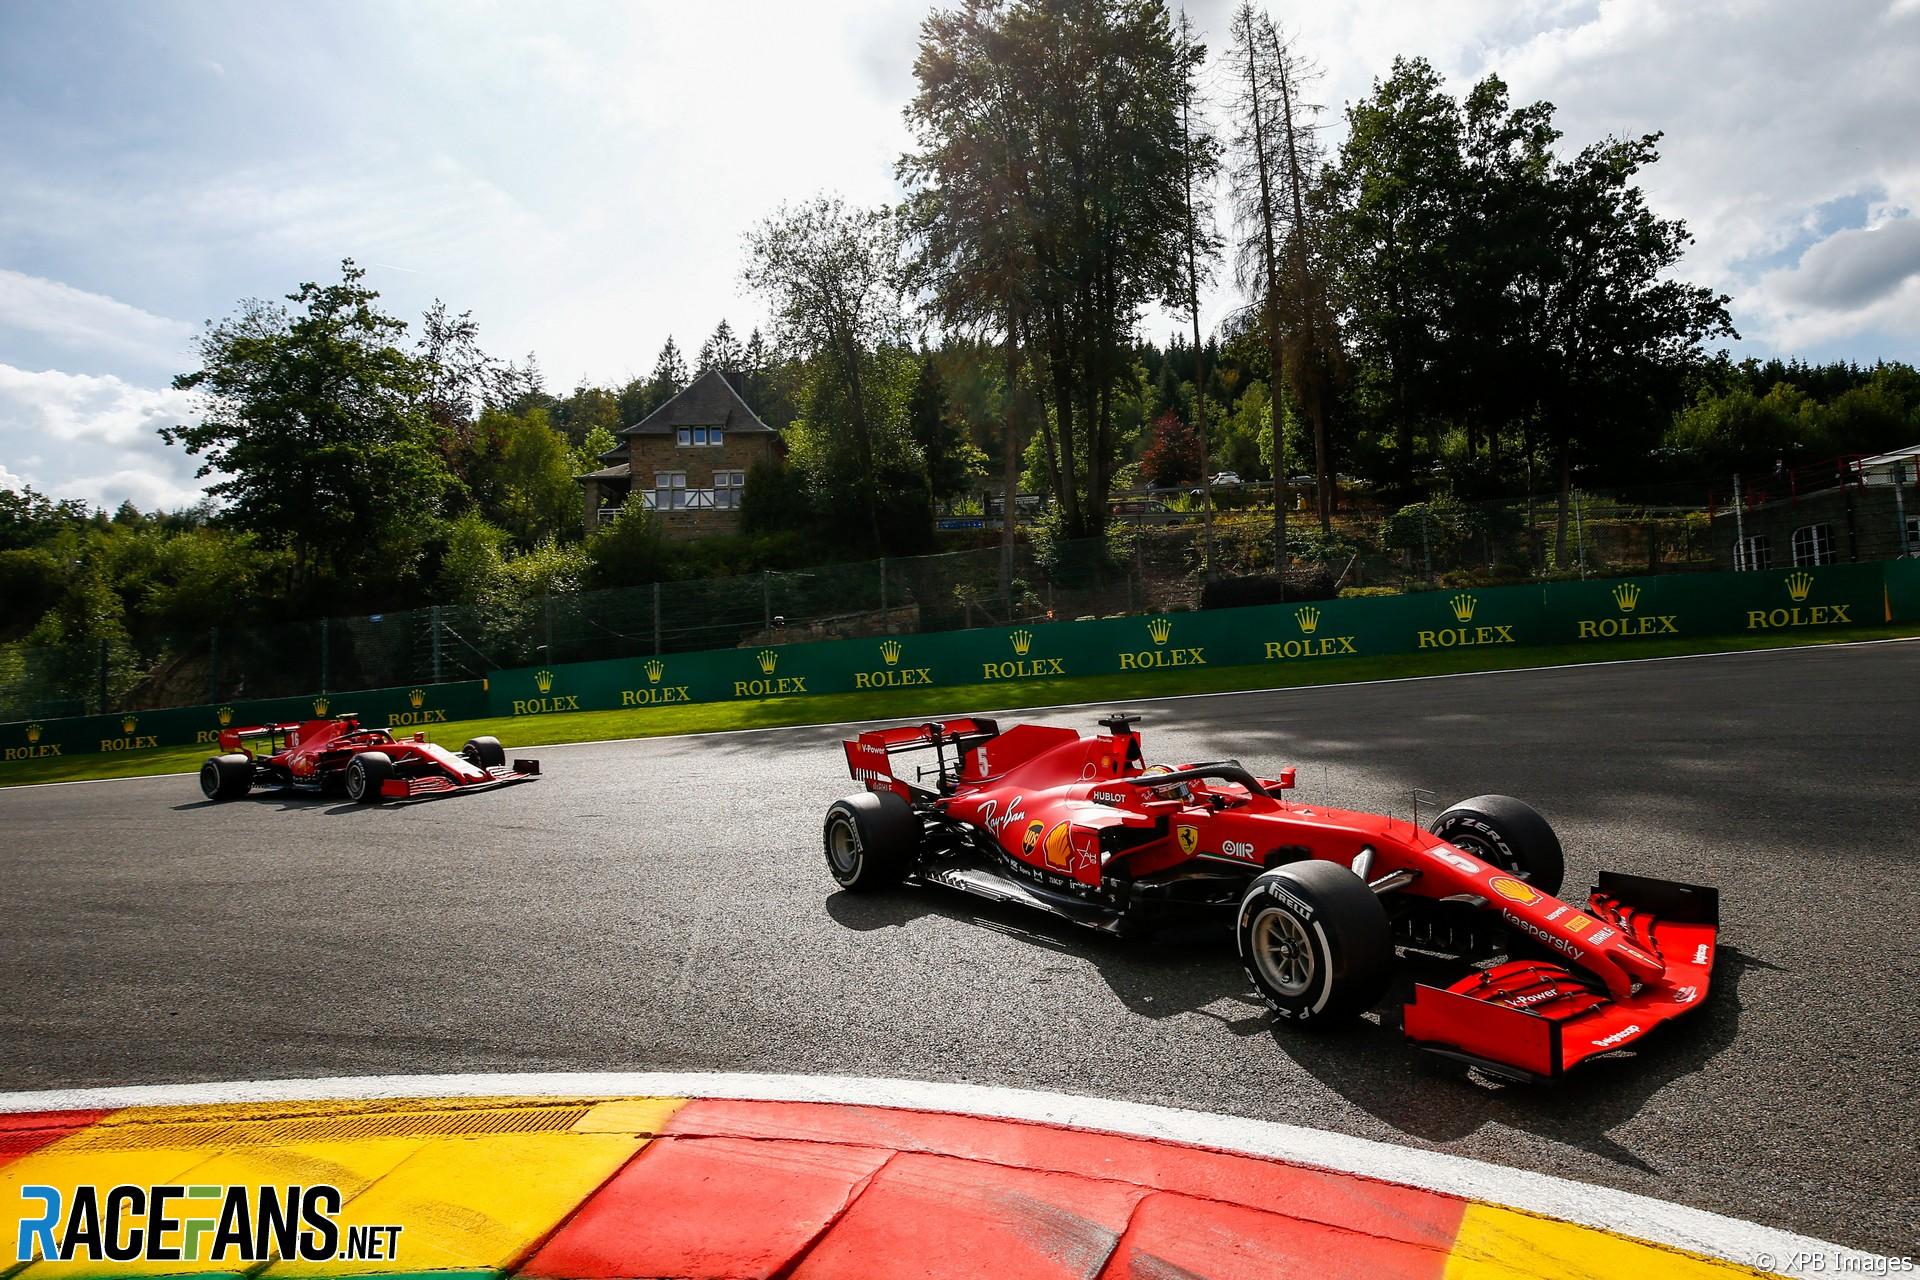 Sebastian Vettel Ferrari Spa Francorchamps 2020 Racefans